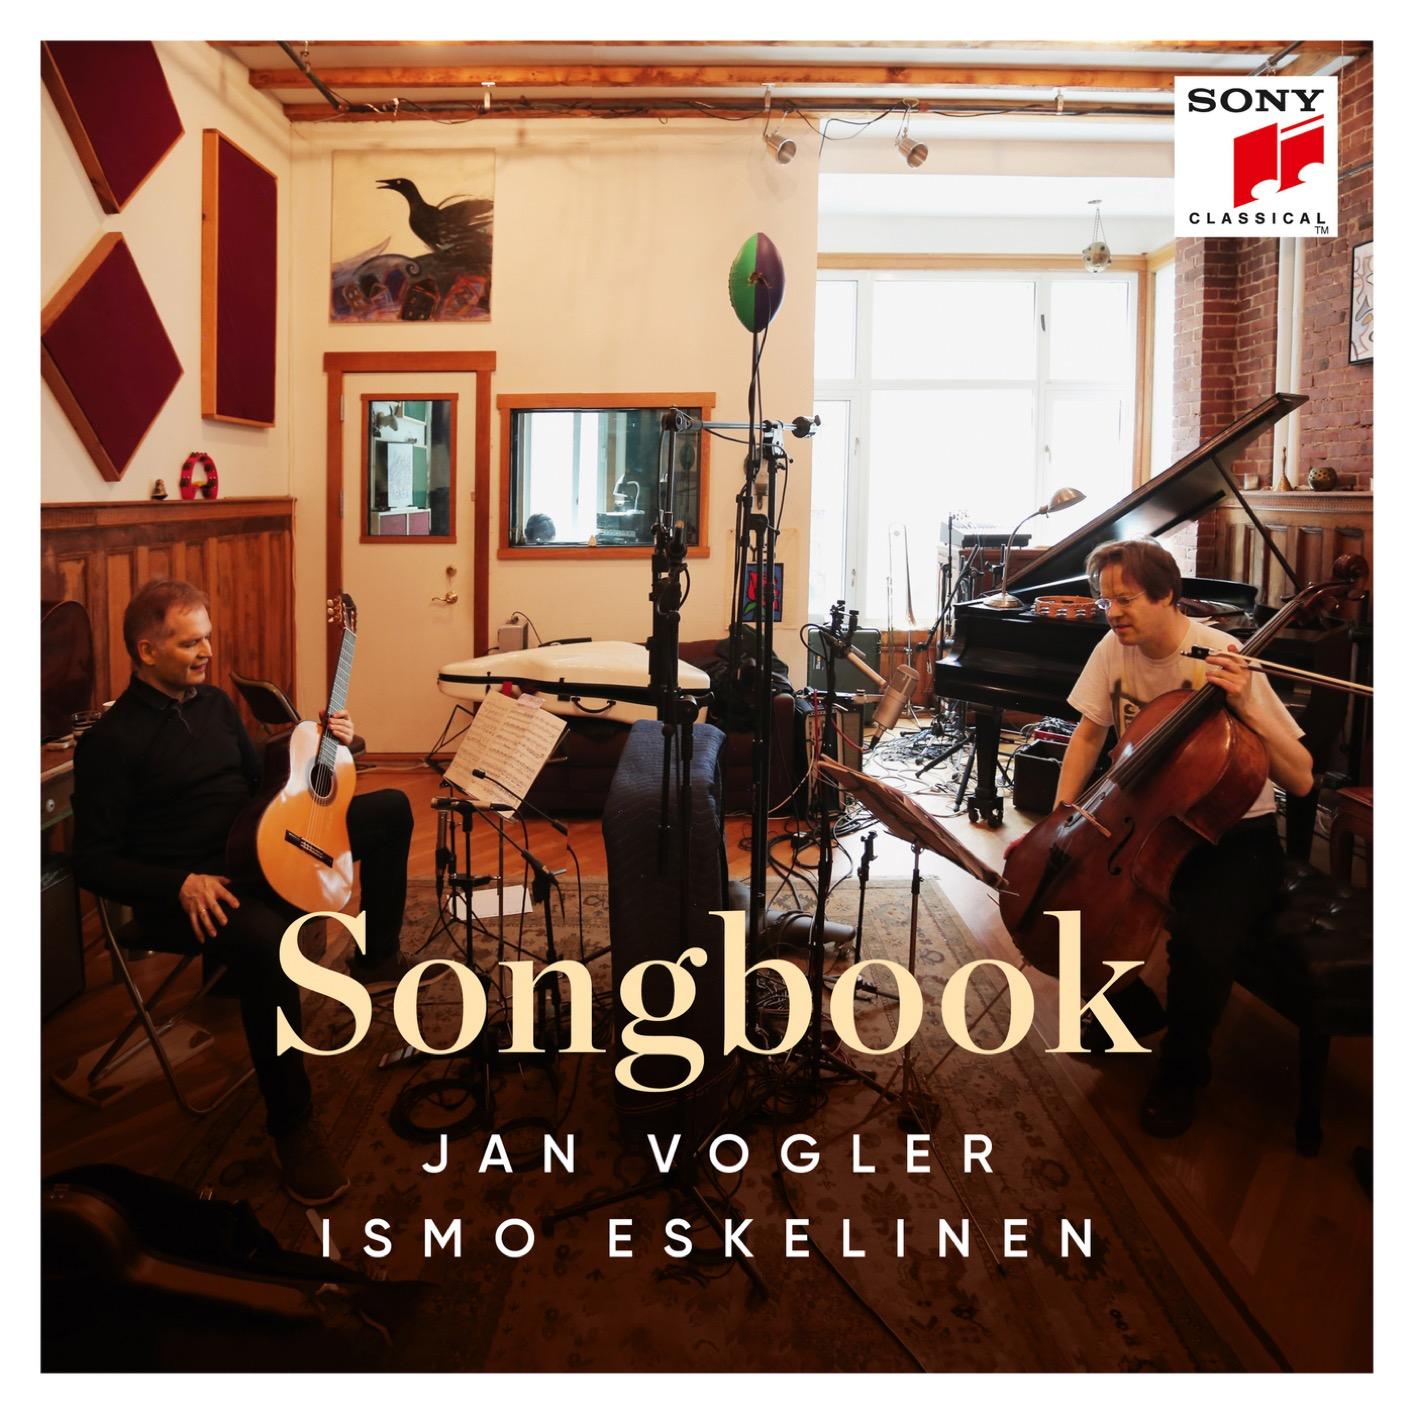 Jan Vogler & Ismo Eskelinen - Songbook (2019)